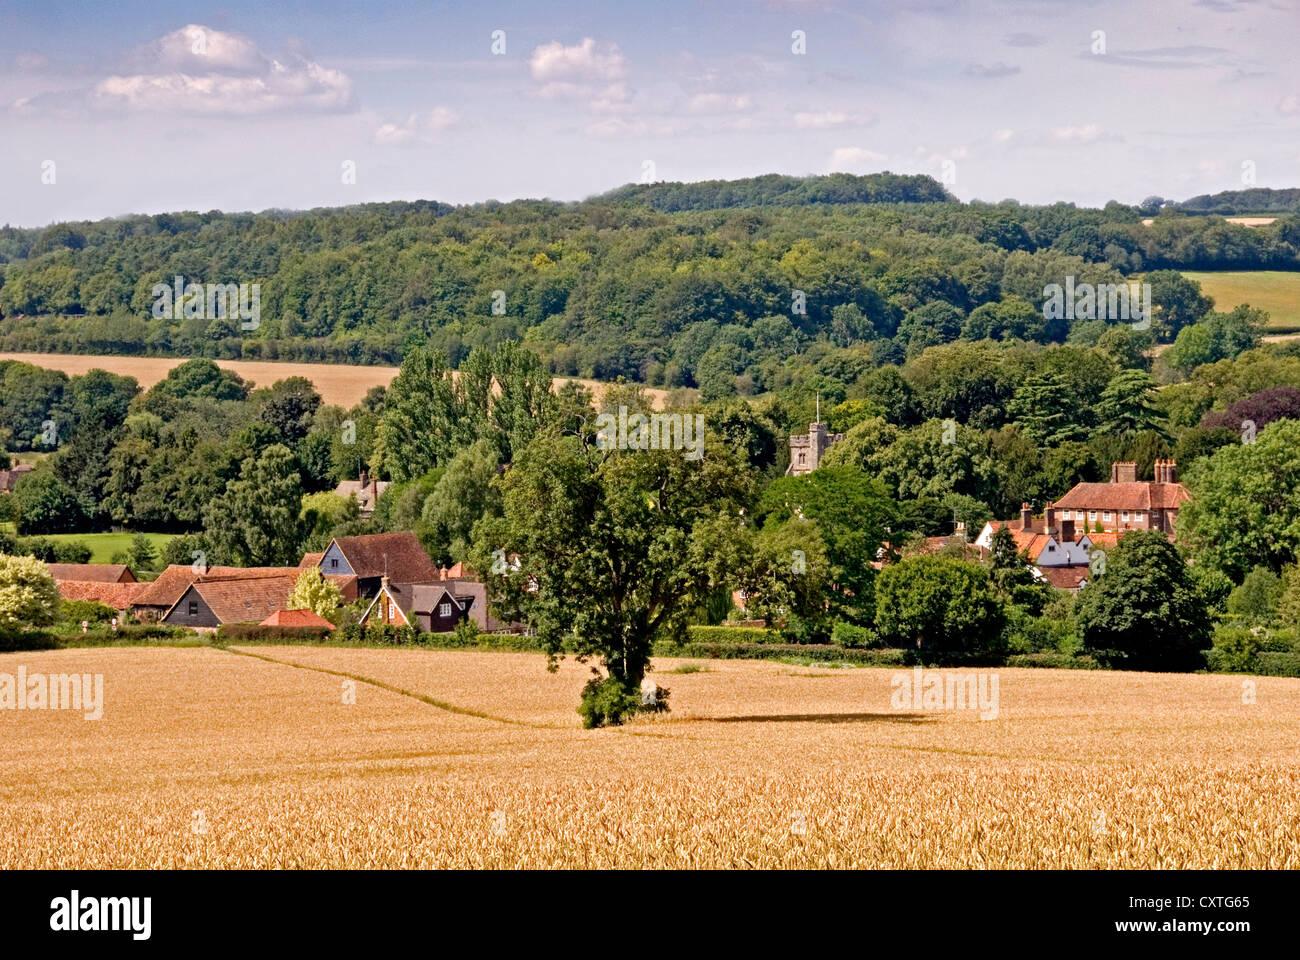 Bucks - Chiltern Hills - wheat field in high summer sunlight - Litte Missenden village beyond - wooded hillsides - Stock Image